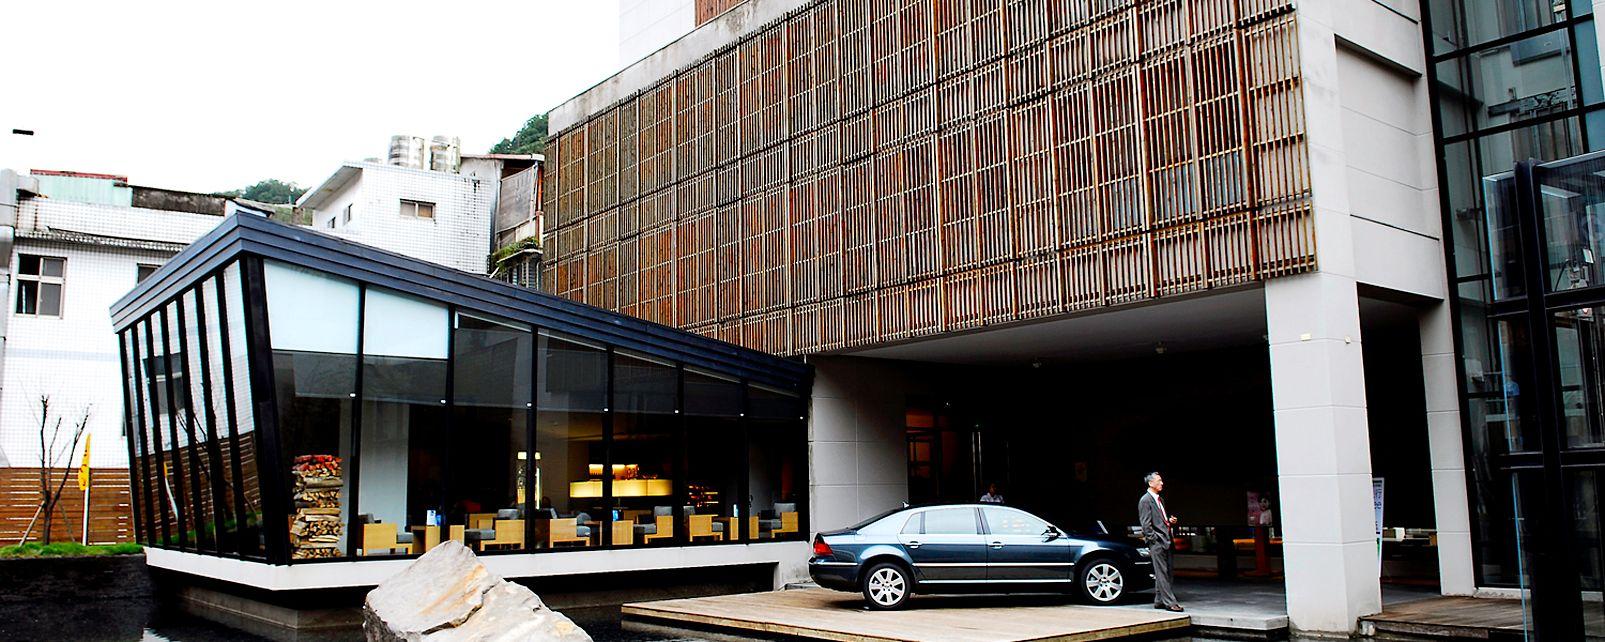 Hotel Pause Landis Resort